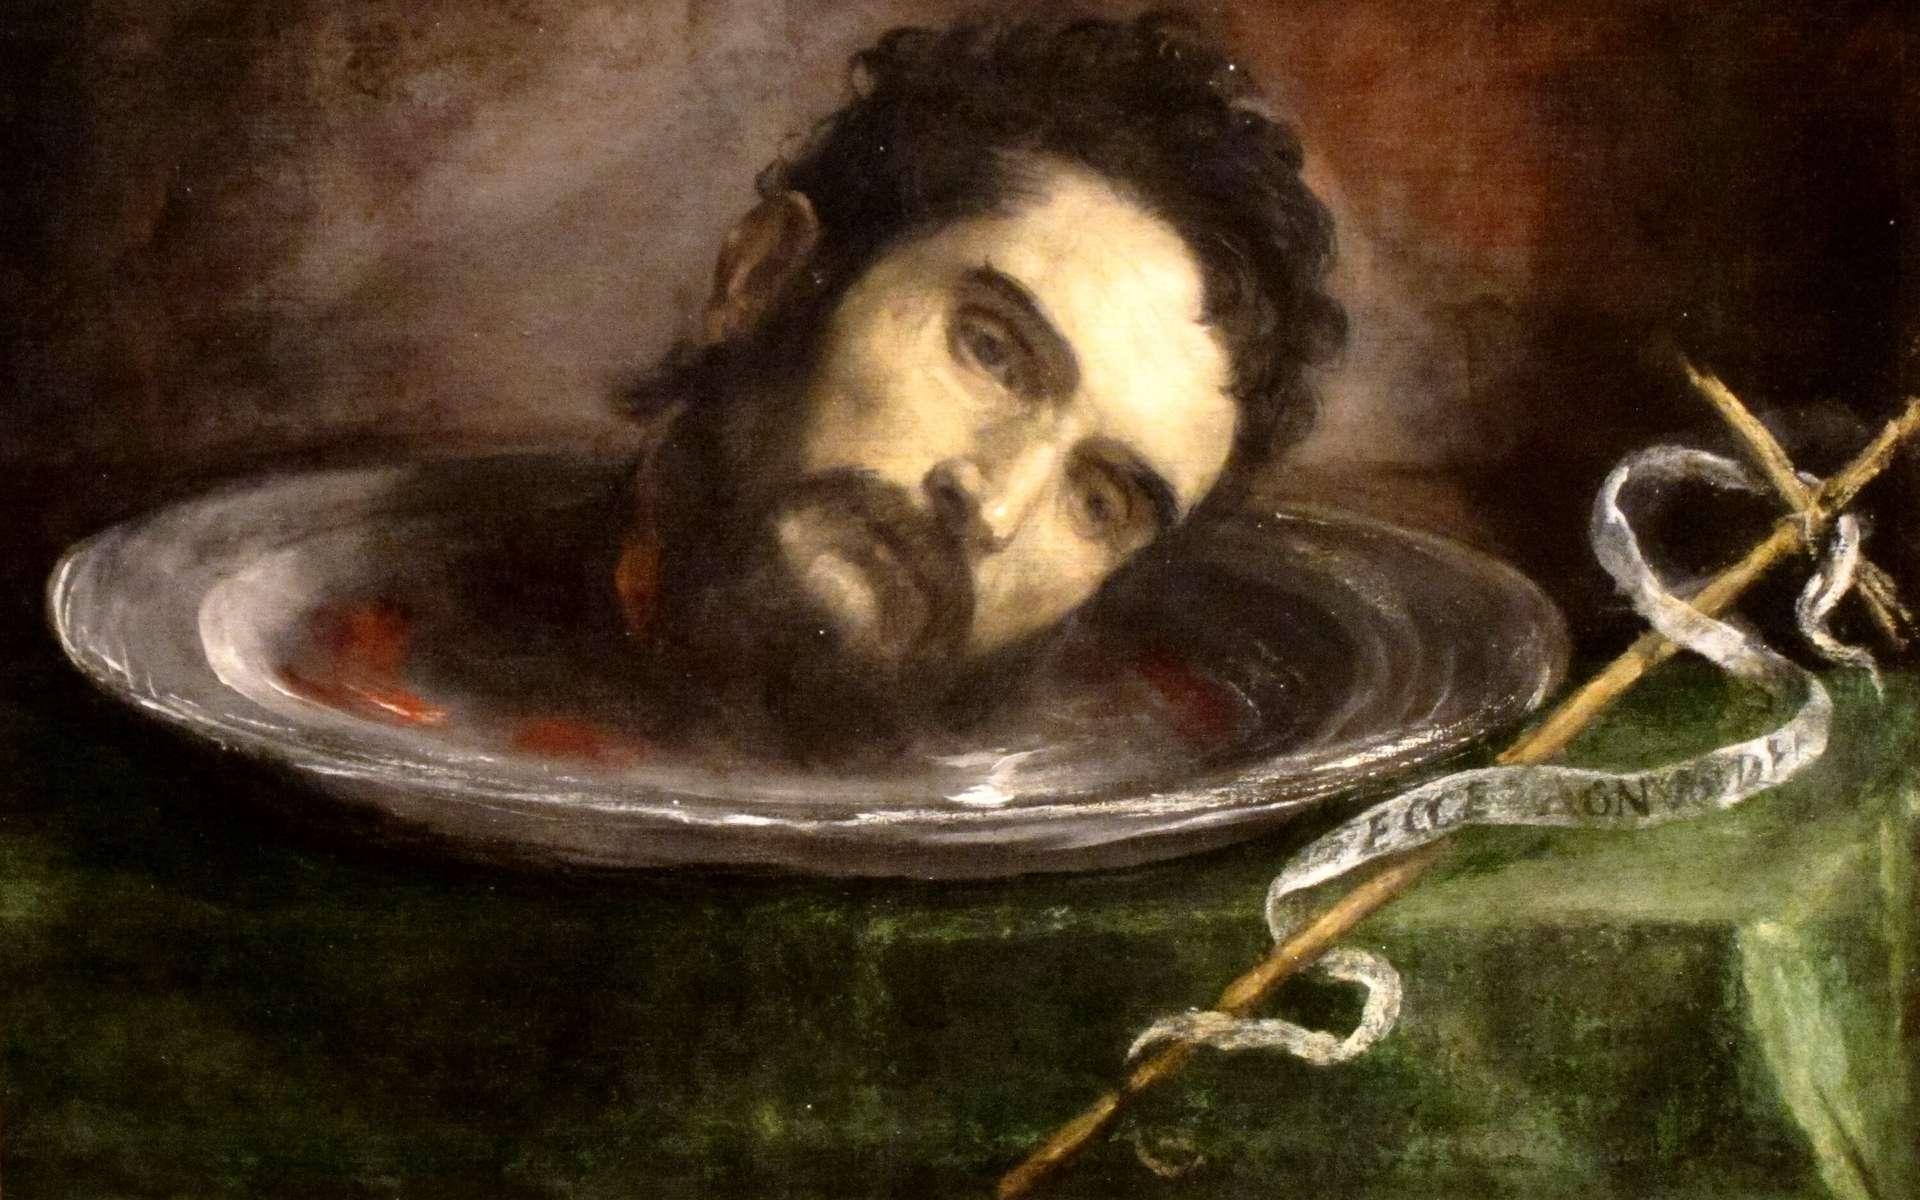 La tête décapitée de Jean le Baptiste, sur un plateau. © Cleveland Museum of Art